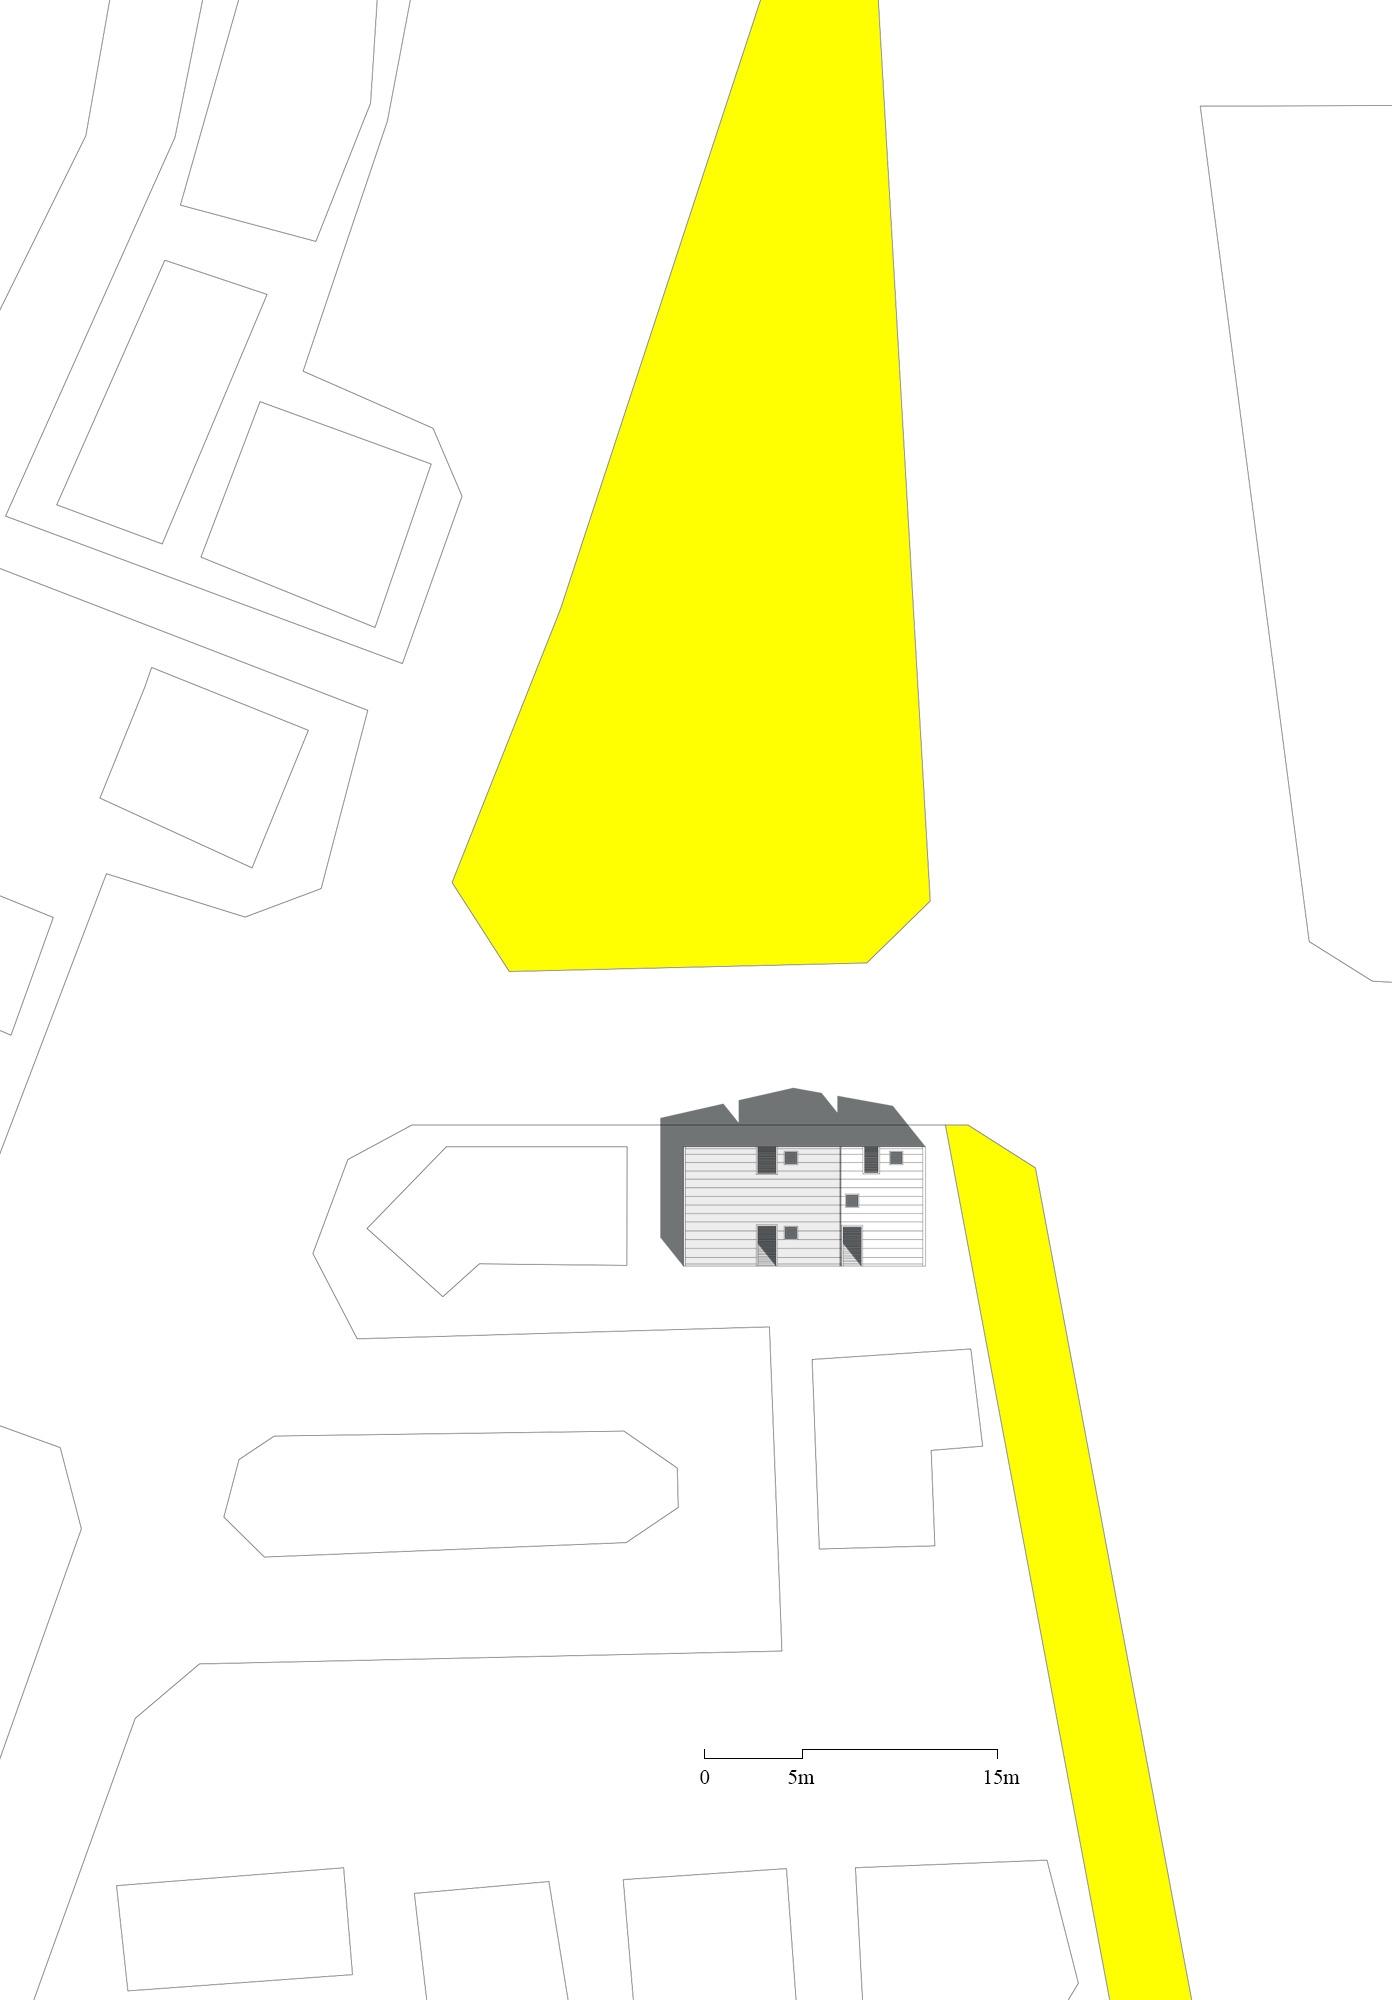 stpmj-.-The-Masonry-House-.-Suwon-si-29.jpg